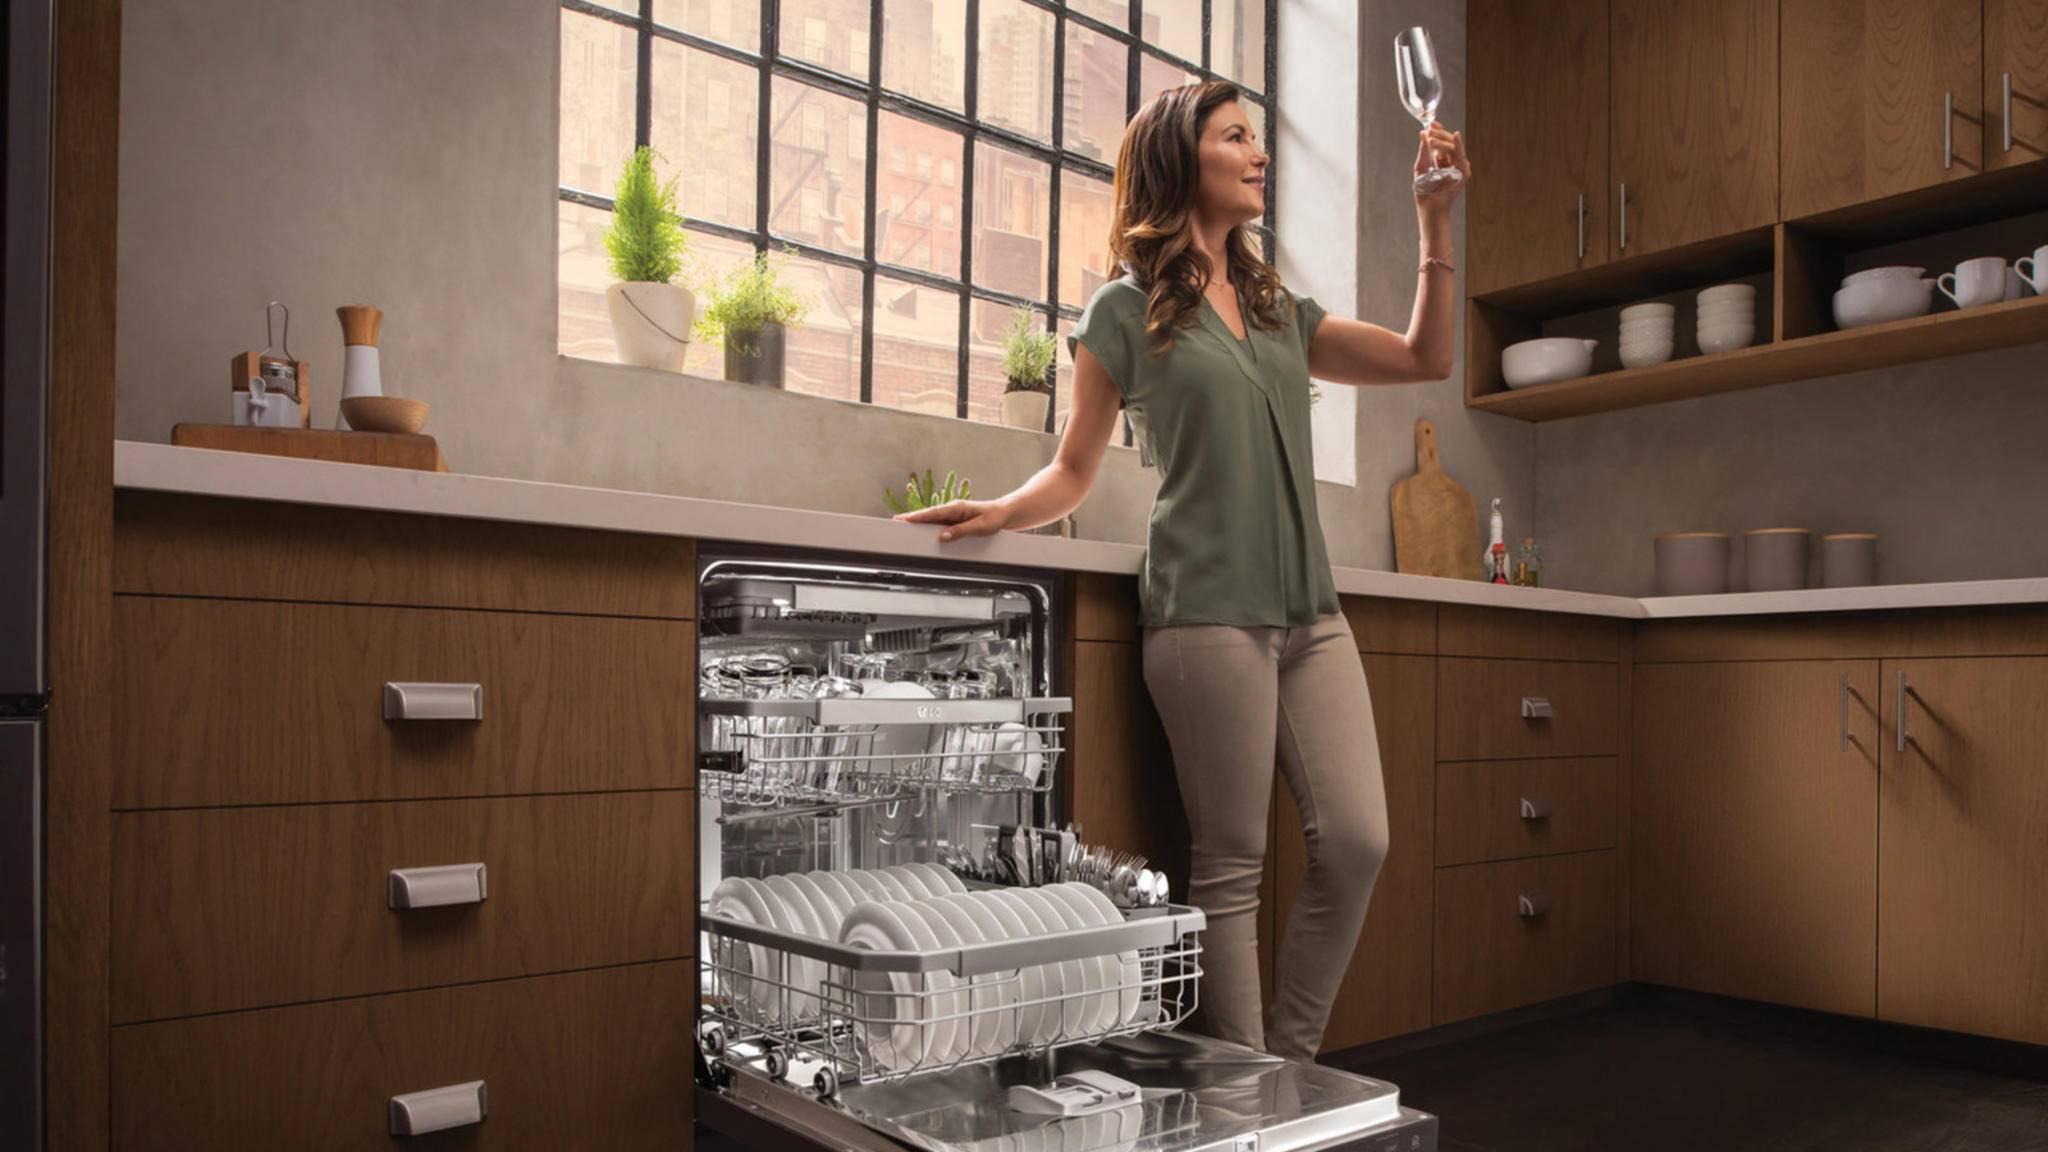 Gläser mit Wasserrändern gehören dank der TrueSteam-Technologie in QuadWash-Geschirrspülern von LG bald der Vergangenheit an.